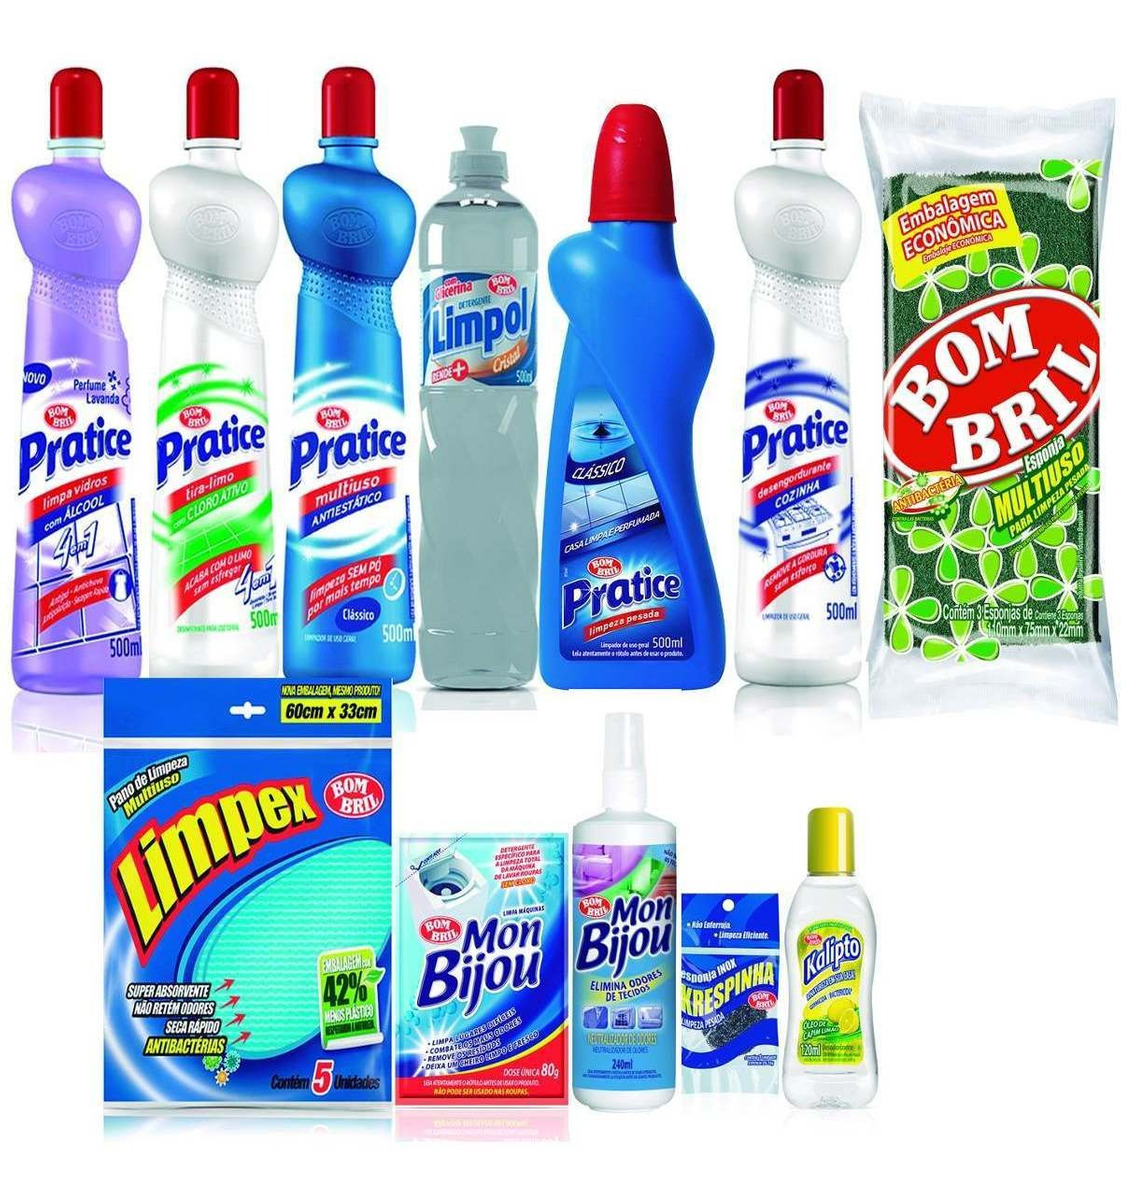 Top 10 Produtos de Limpeza Favoritos para Faxina e Dia a